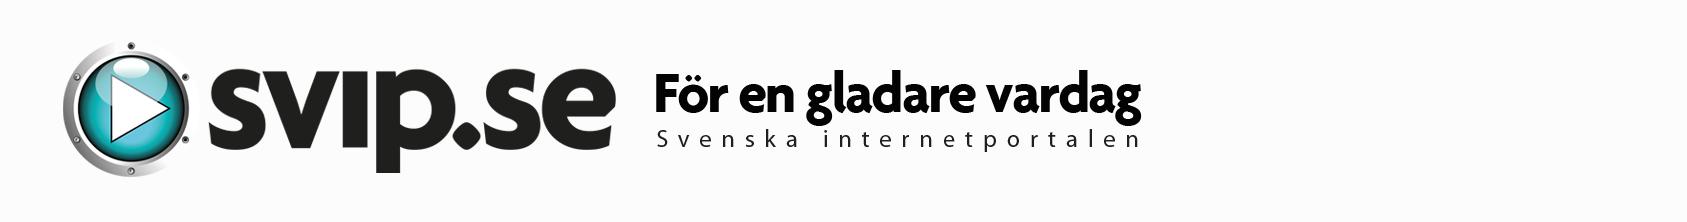 svip.se Logo